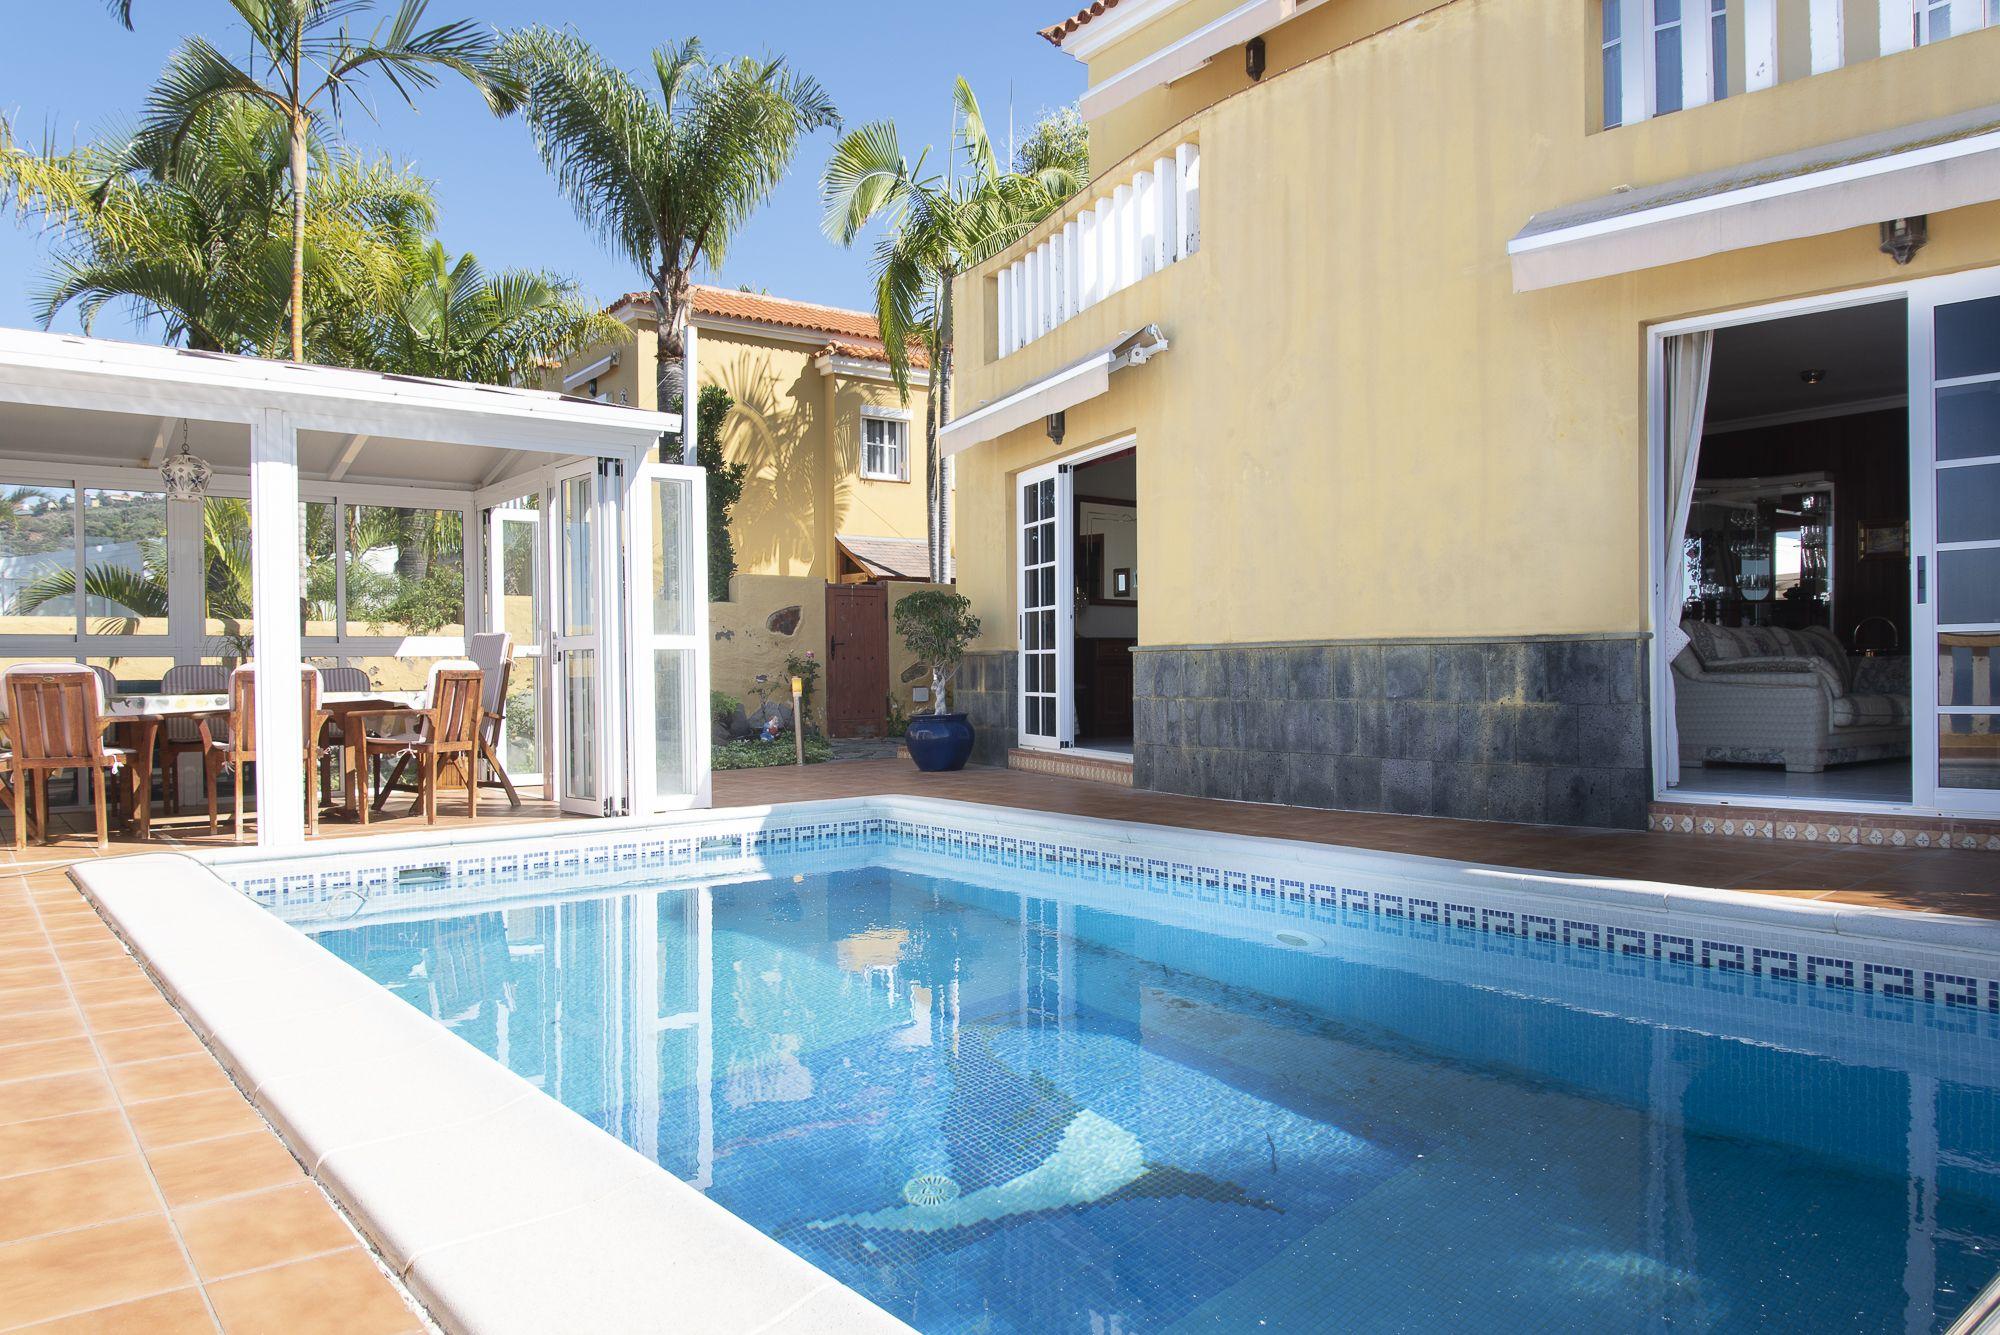 Comedor de verano y piscina. El Sauzal - El Puertito